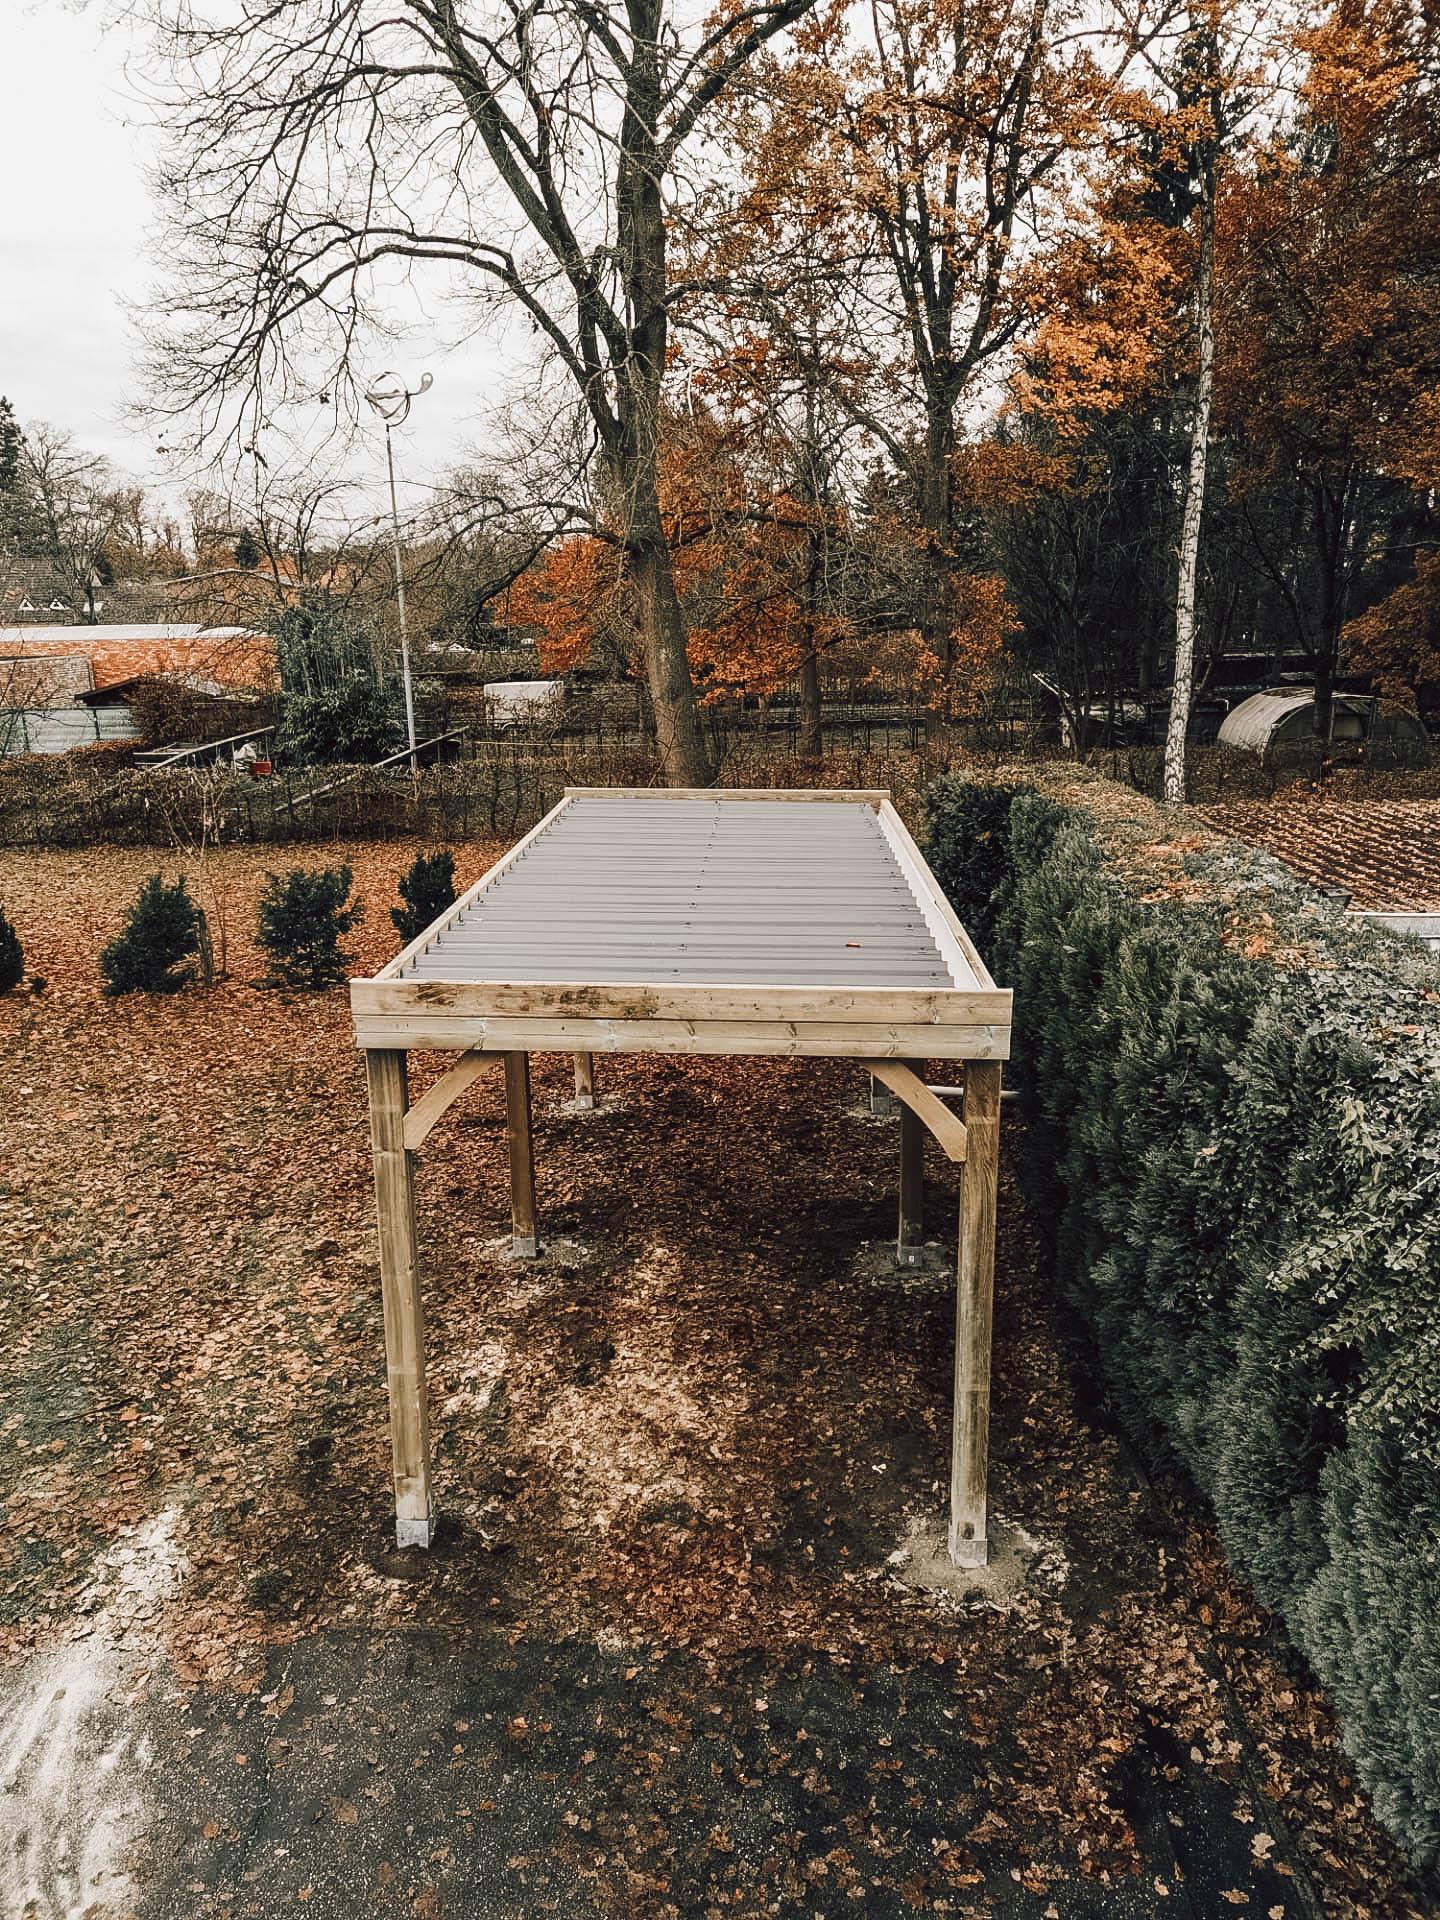 carport_buitenschrijnwerk_zonnepanelen_houtbewerking